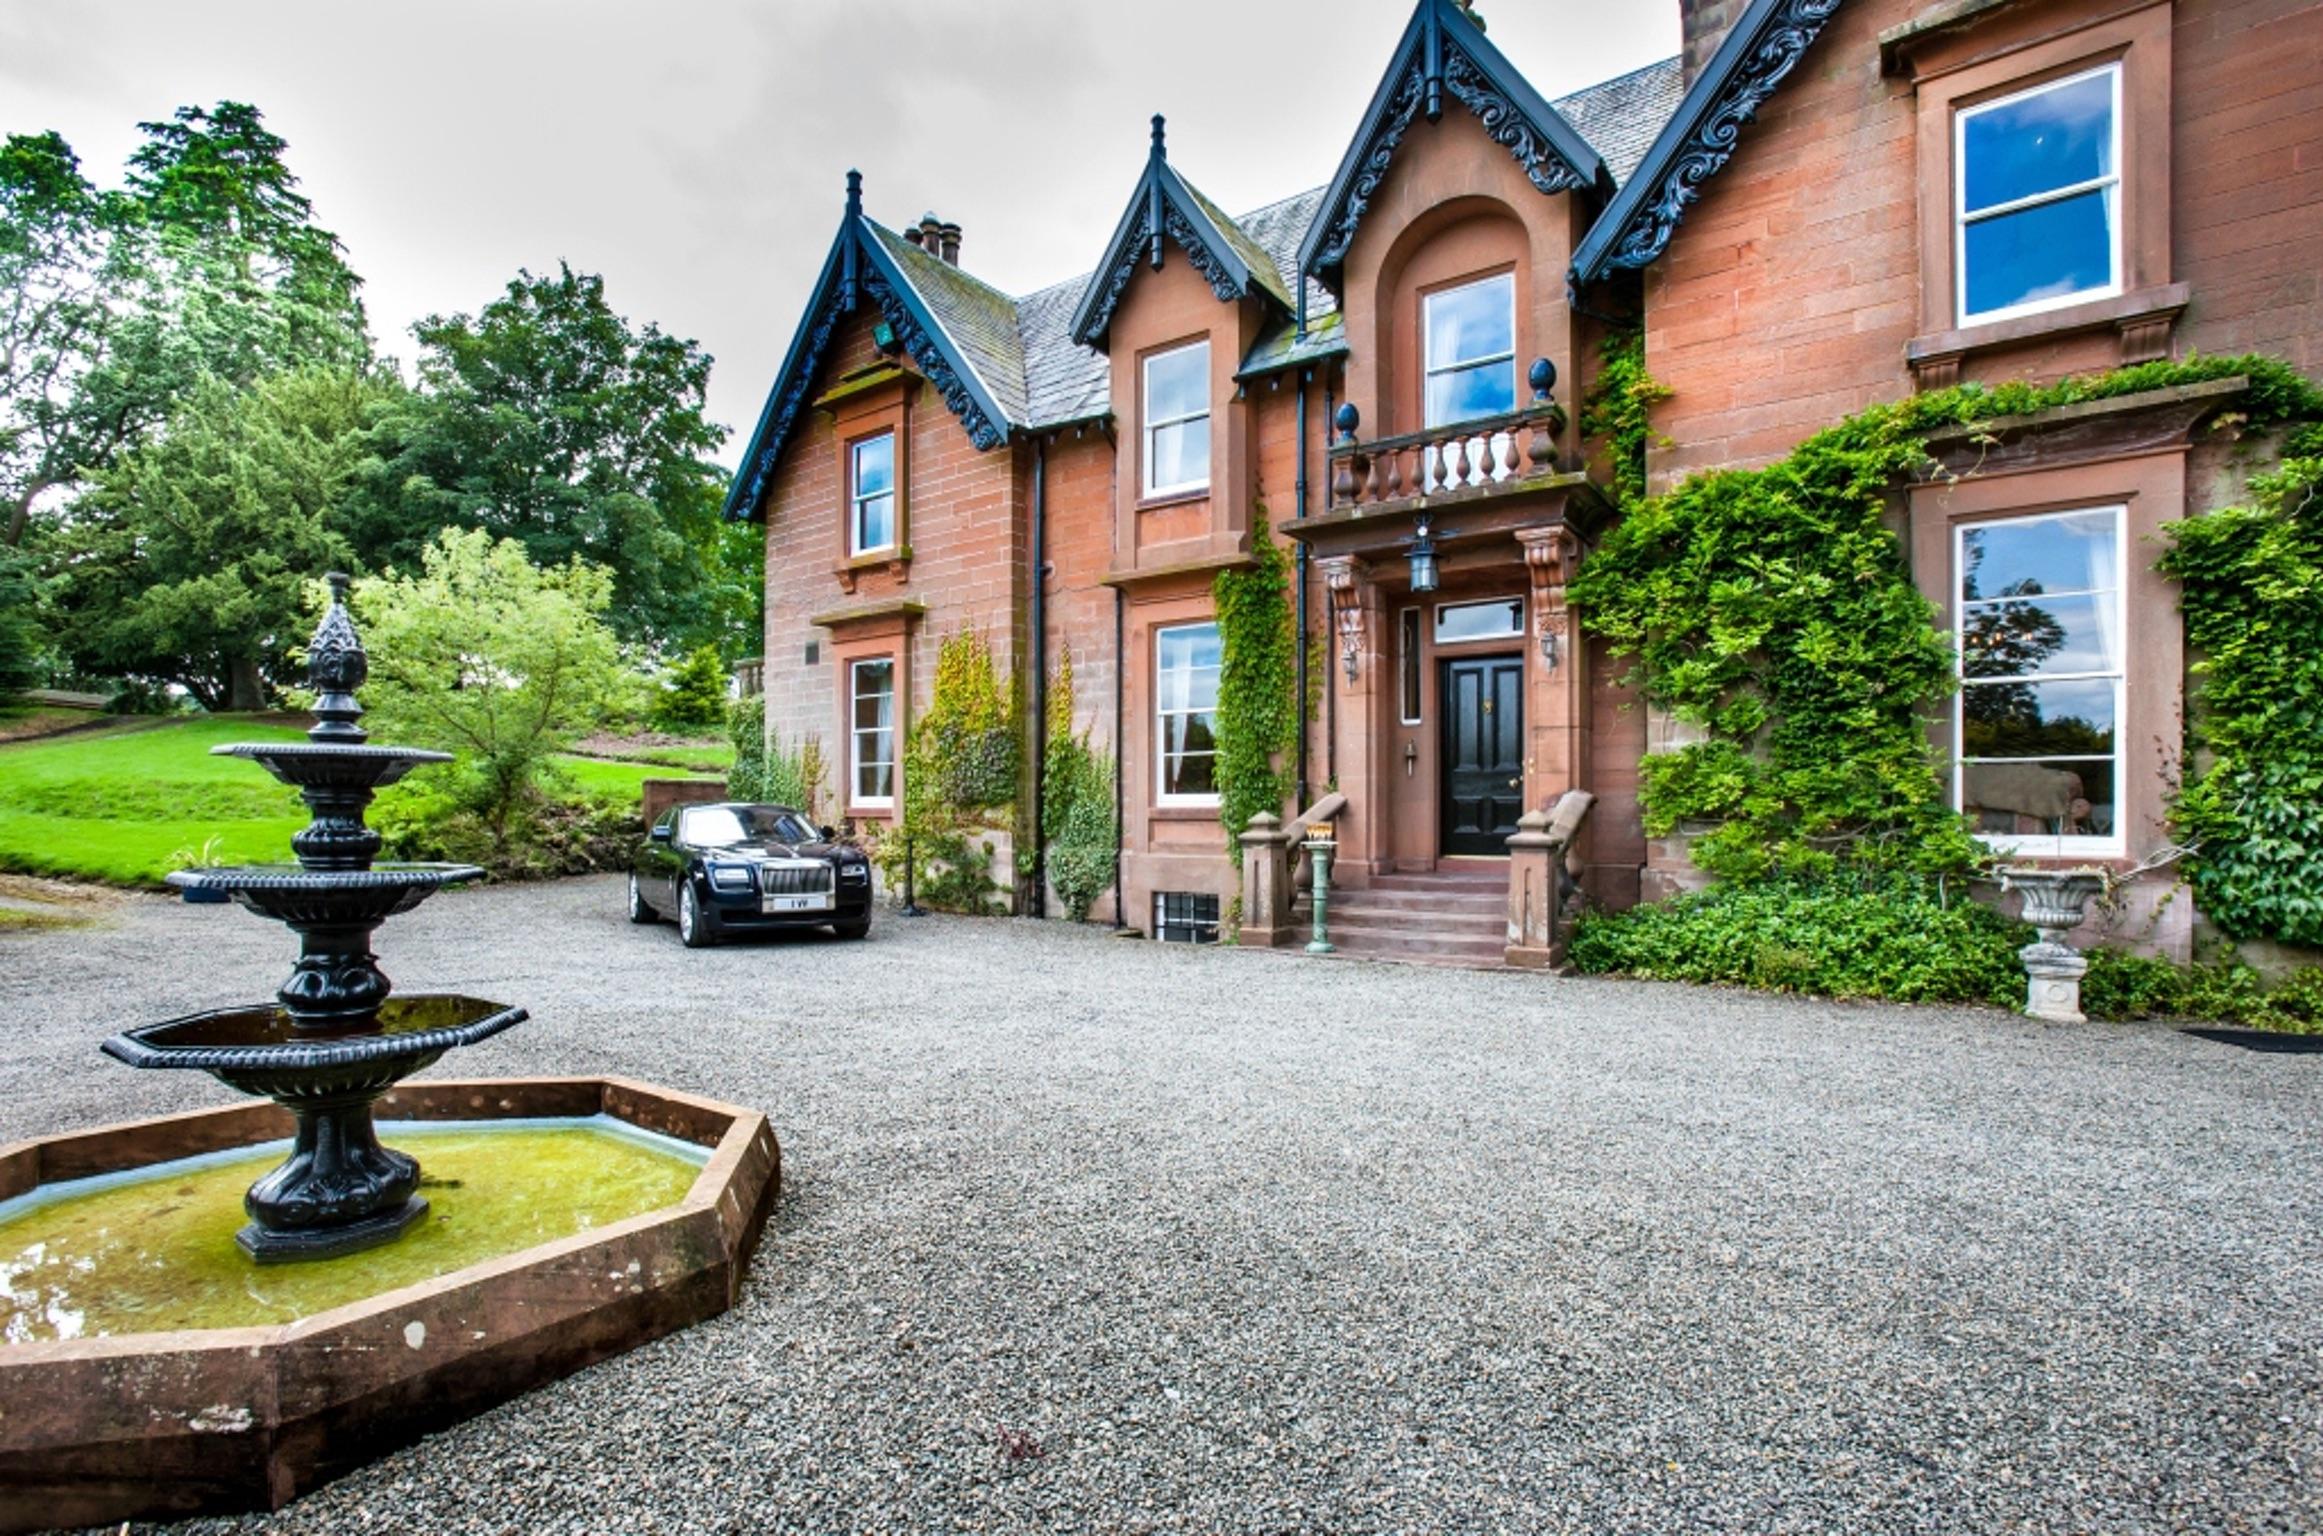 Viktorianisches Herrenhaus in Schottland mit sieben Schlafzimmern ...